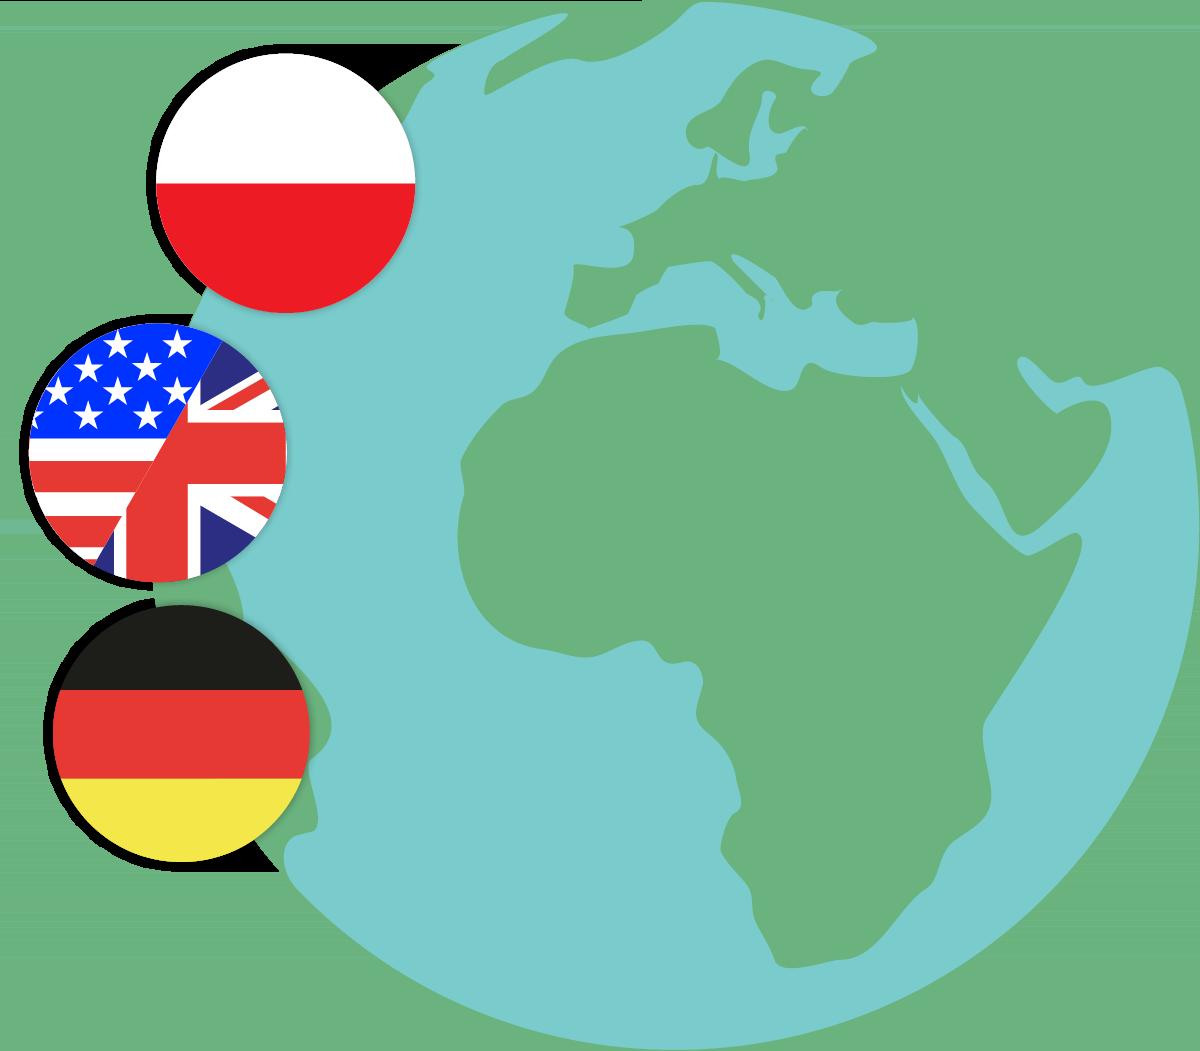 języki tłumaczeń – tłumaczenia na polski